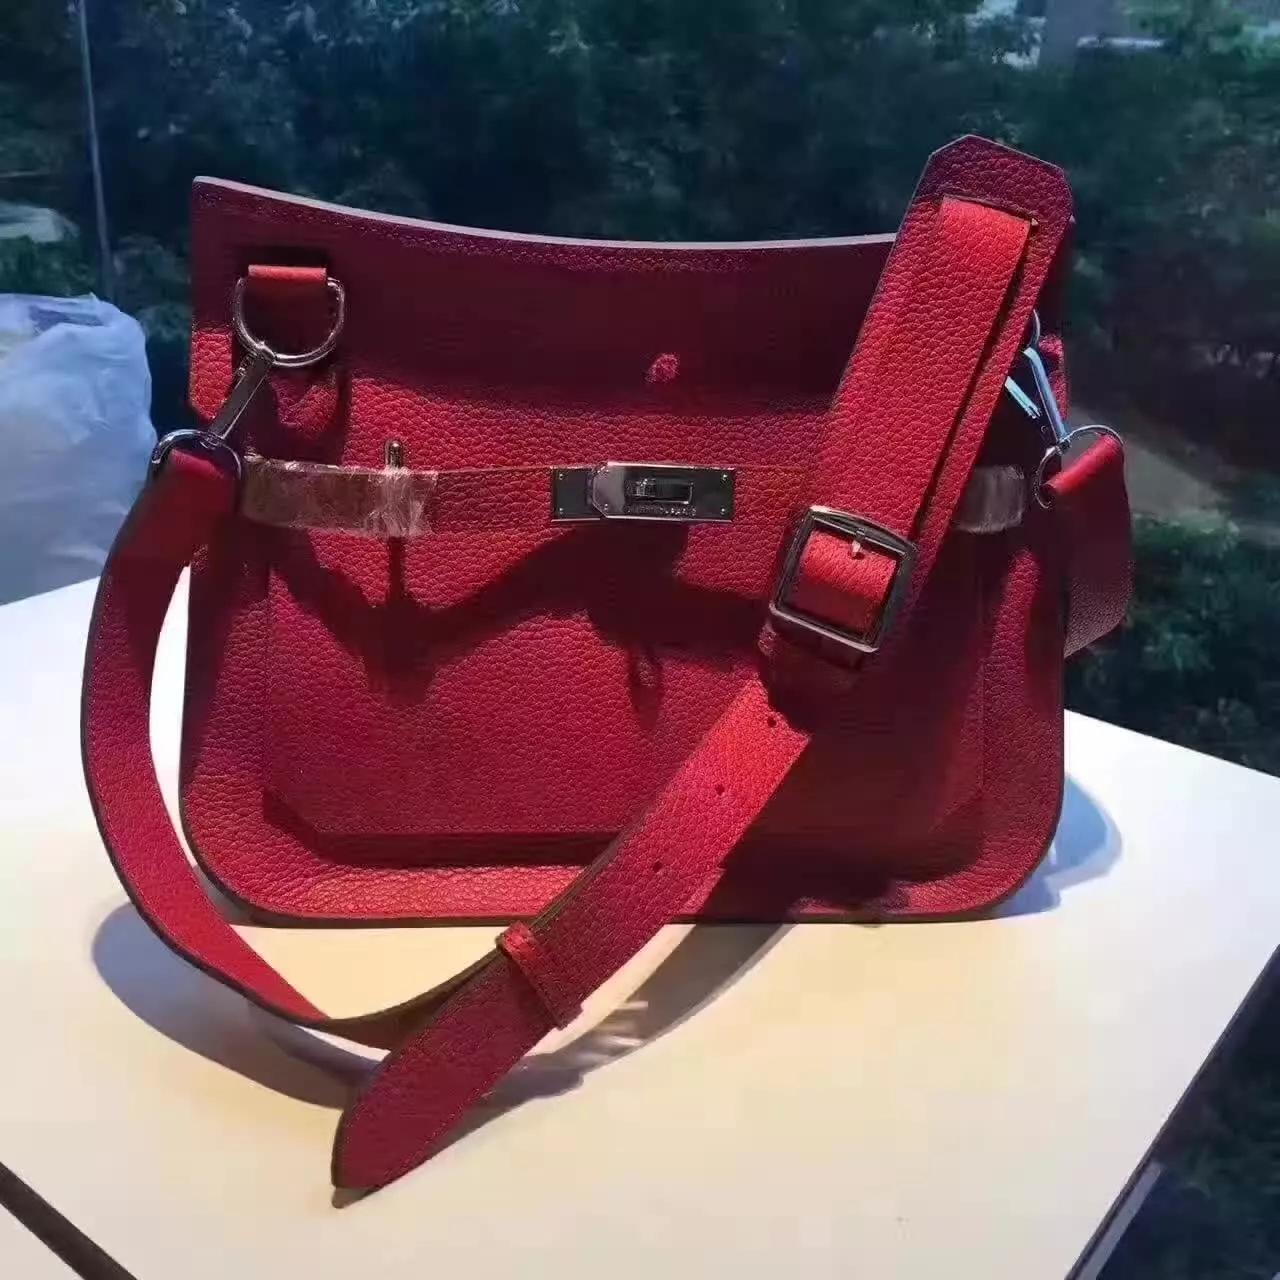 Hermes Jypsiere Leather Shoulder Bag Red